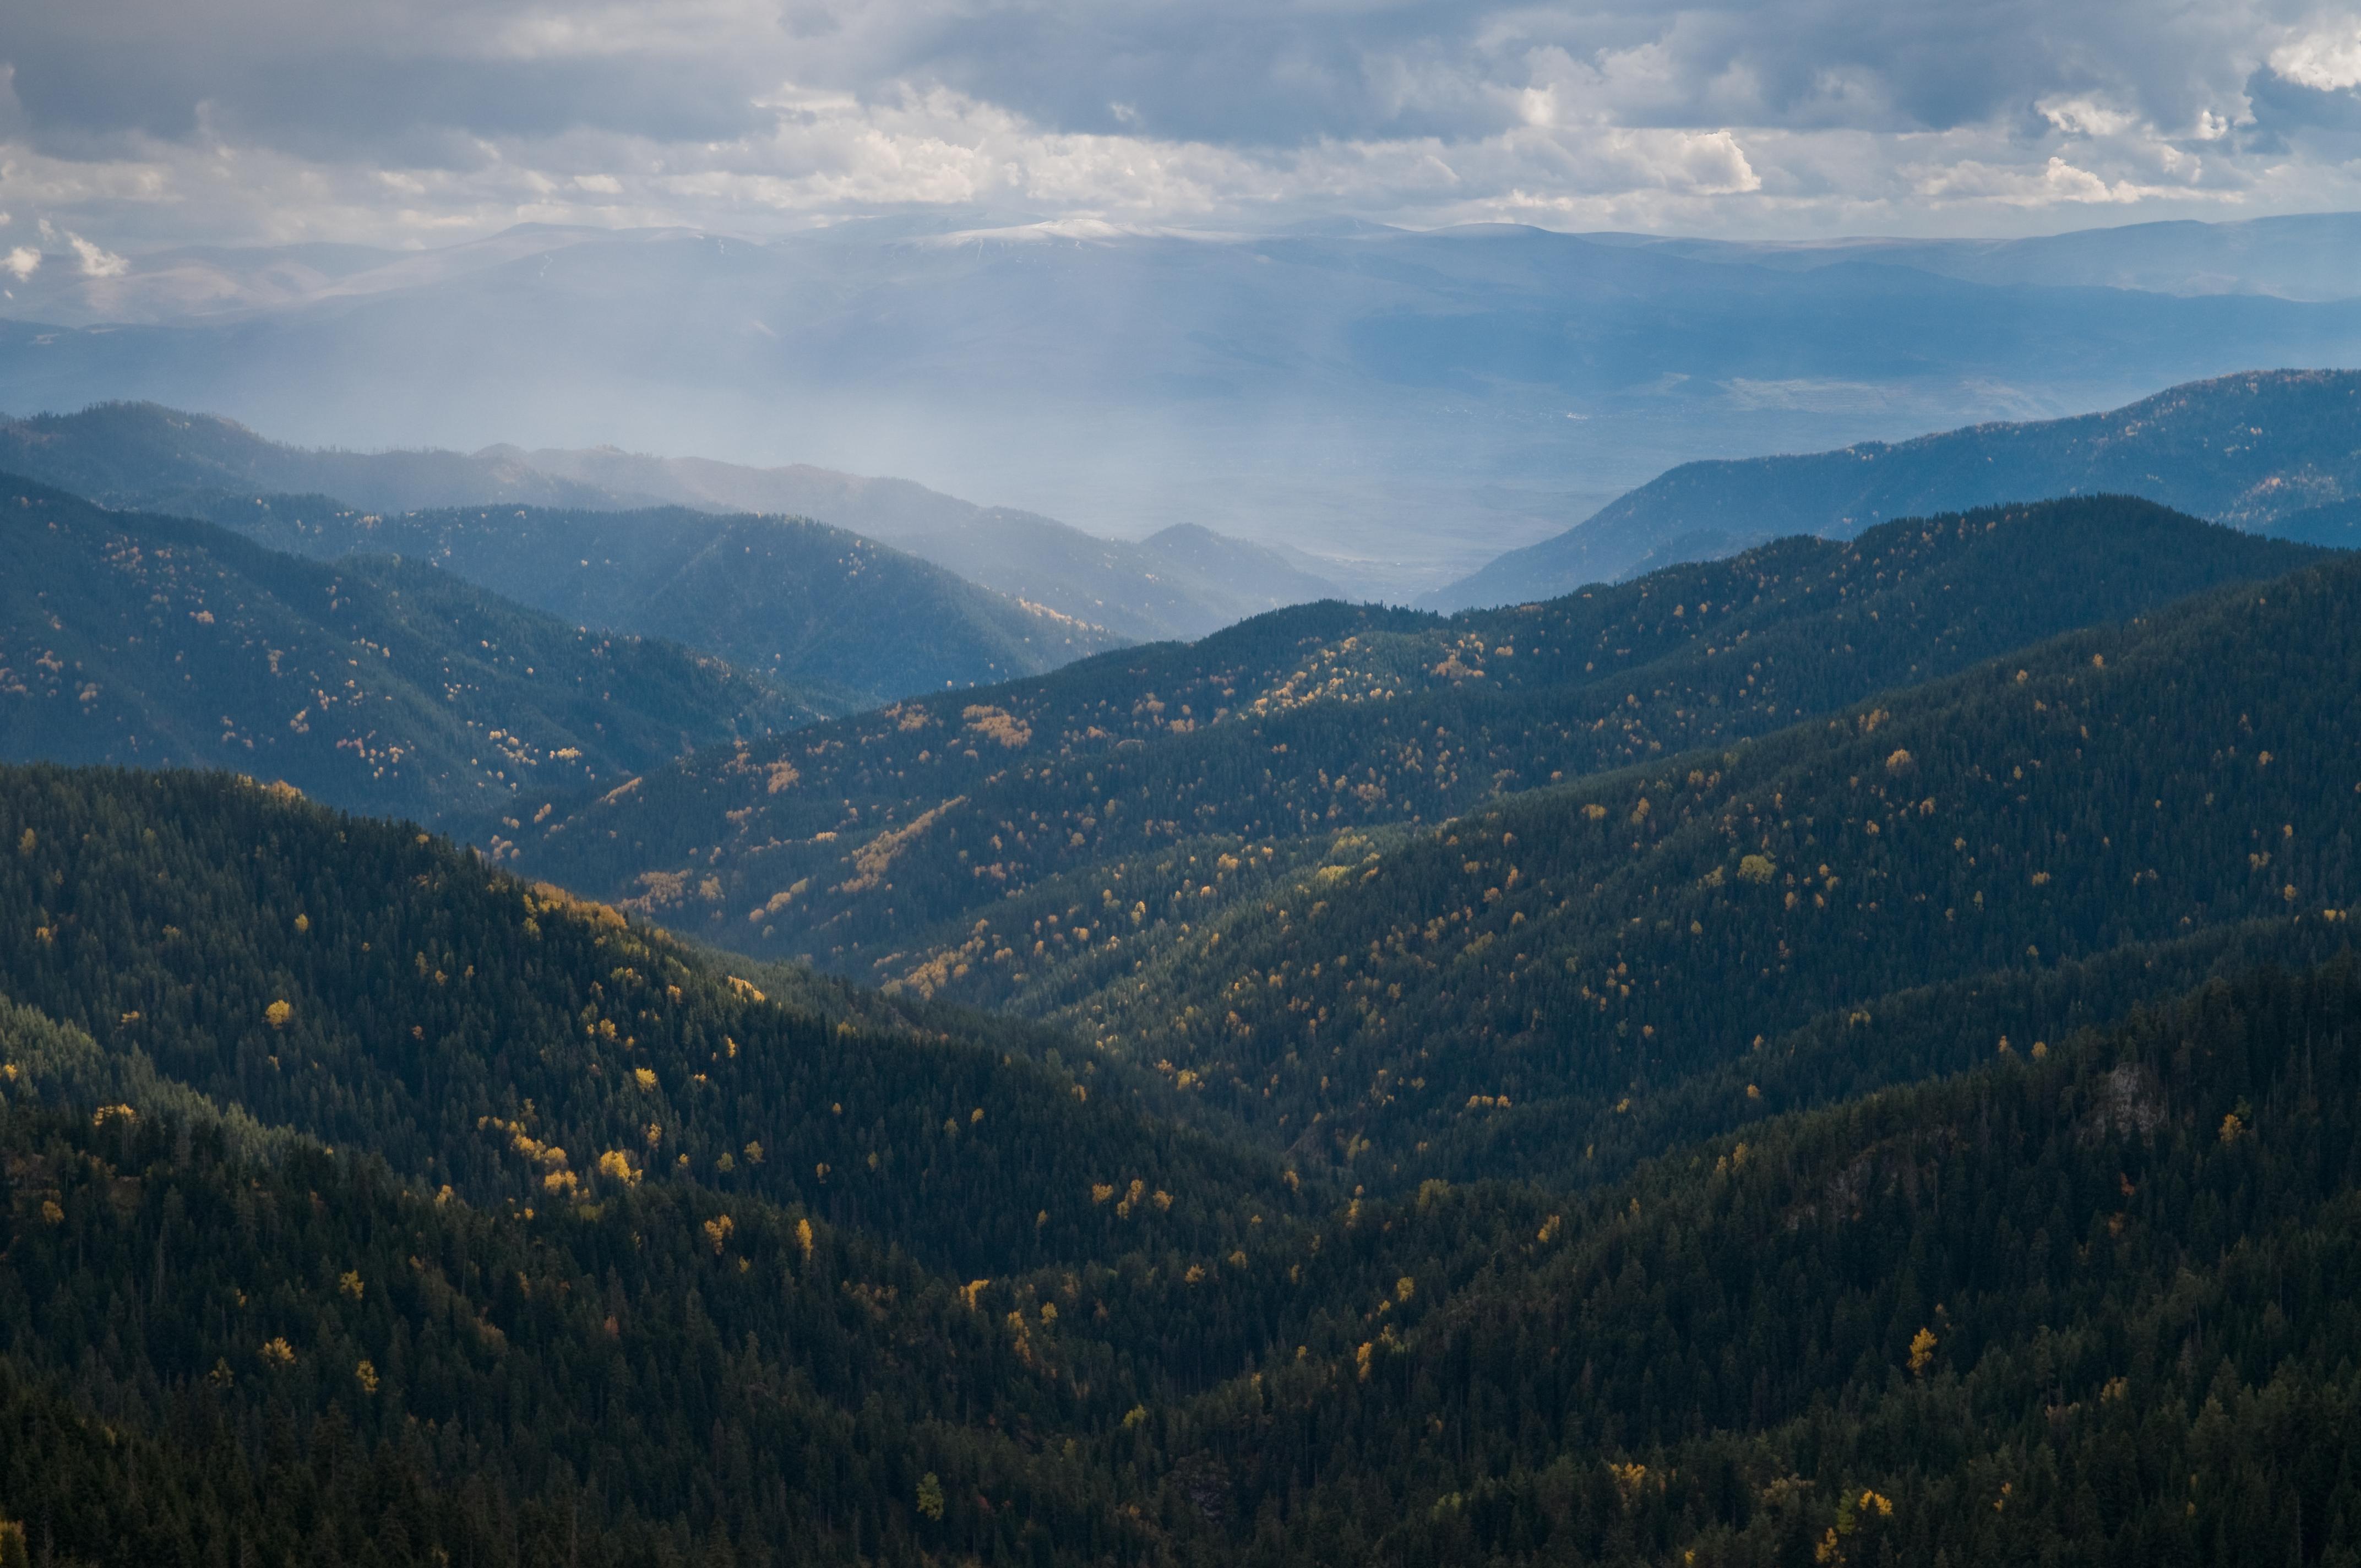 Georgia_LandscapesDSC_2032